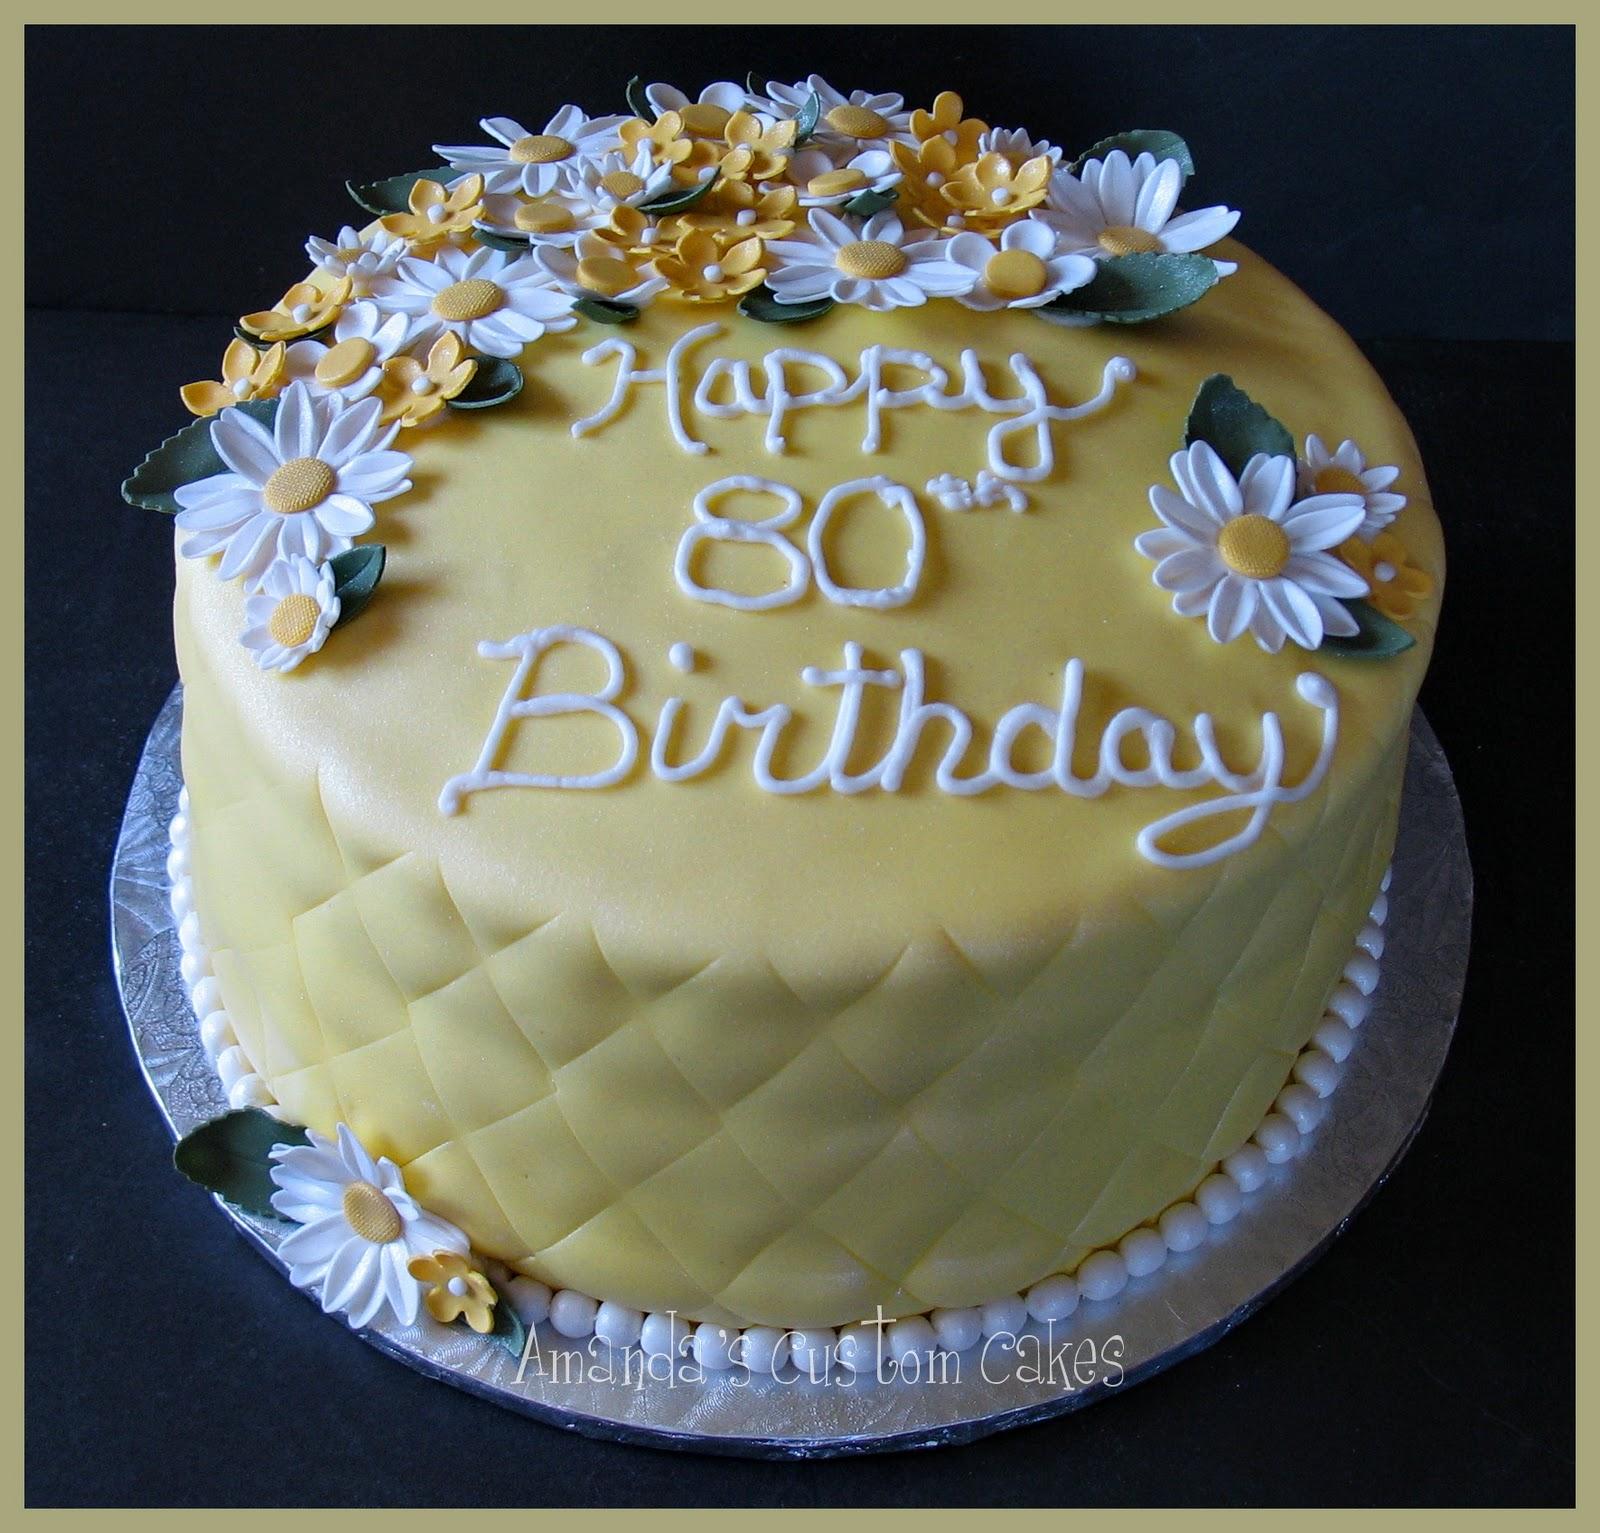 Amanda s Custom Cakes: Yellow 80th birthday cake